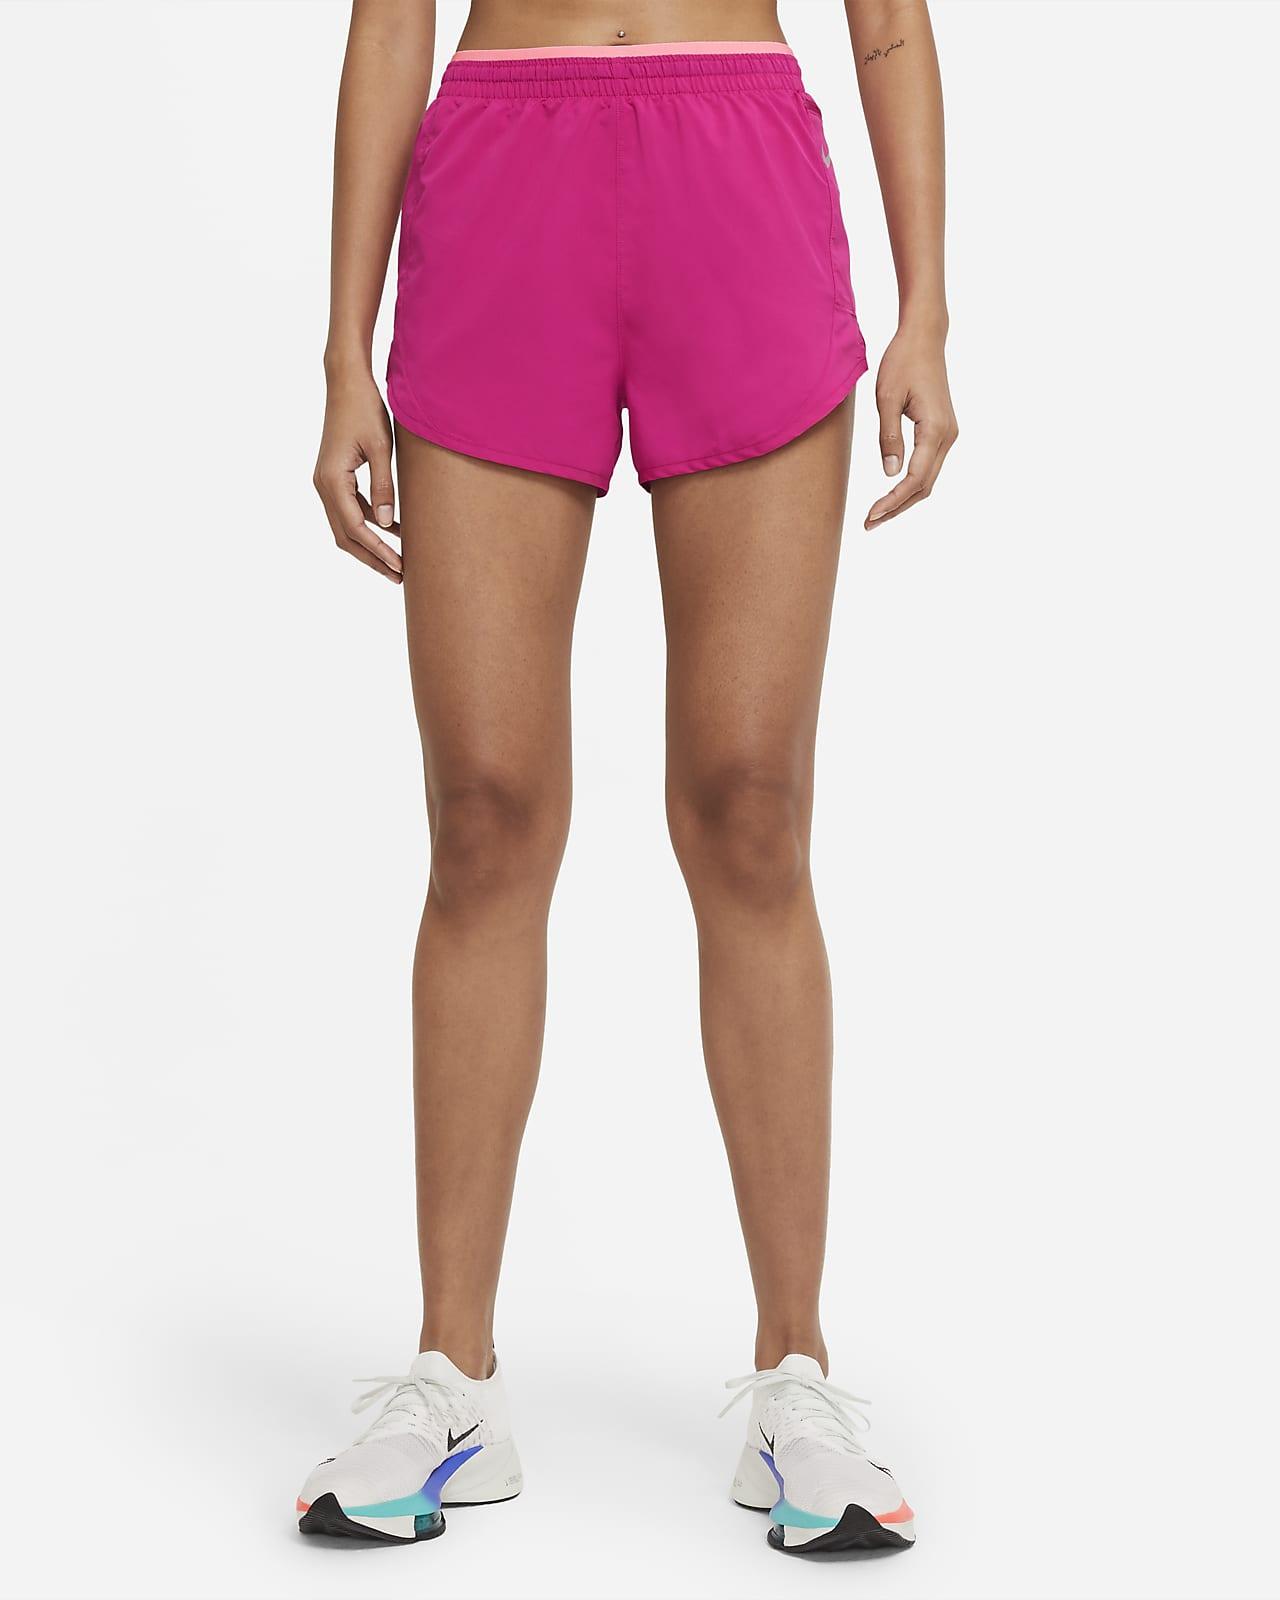 Shorts de running de 8 cm para mujer Nike Tempo Luxe